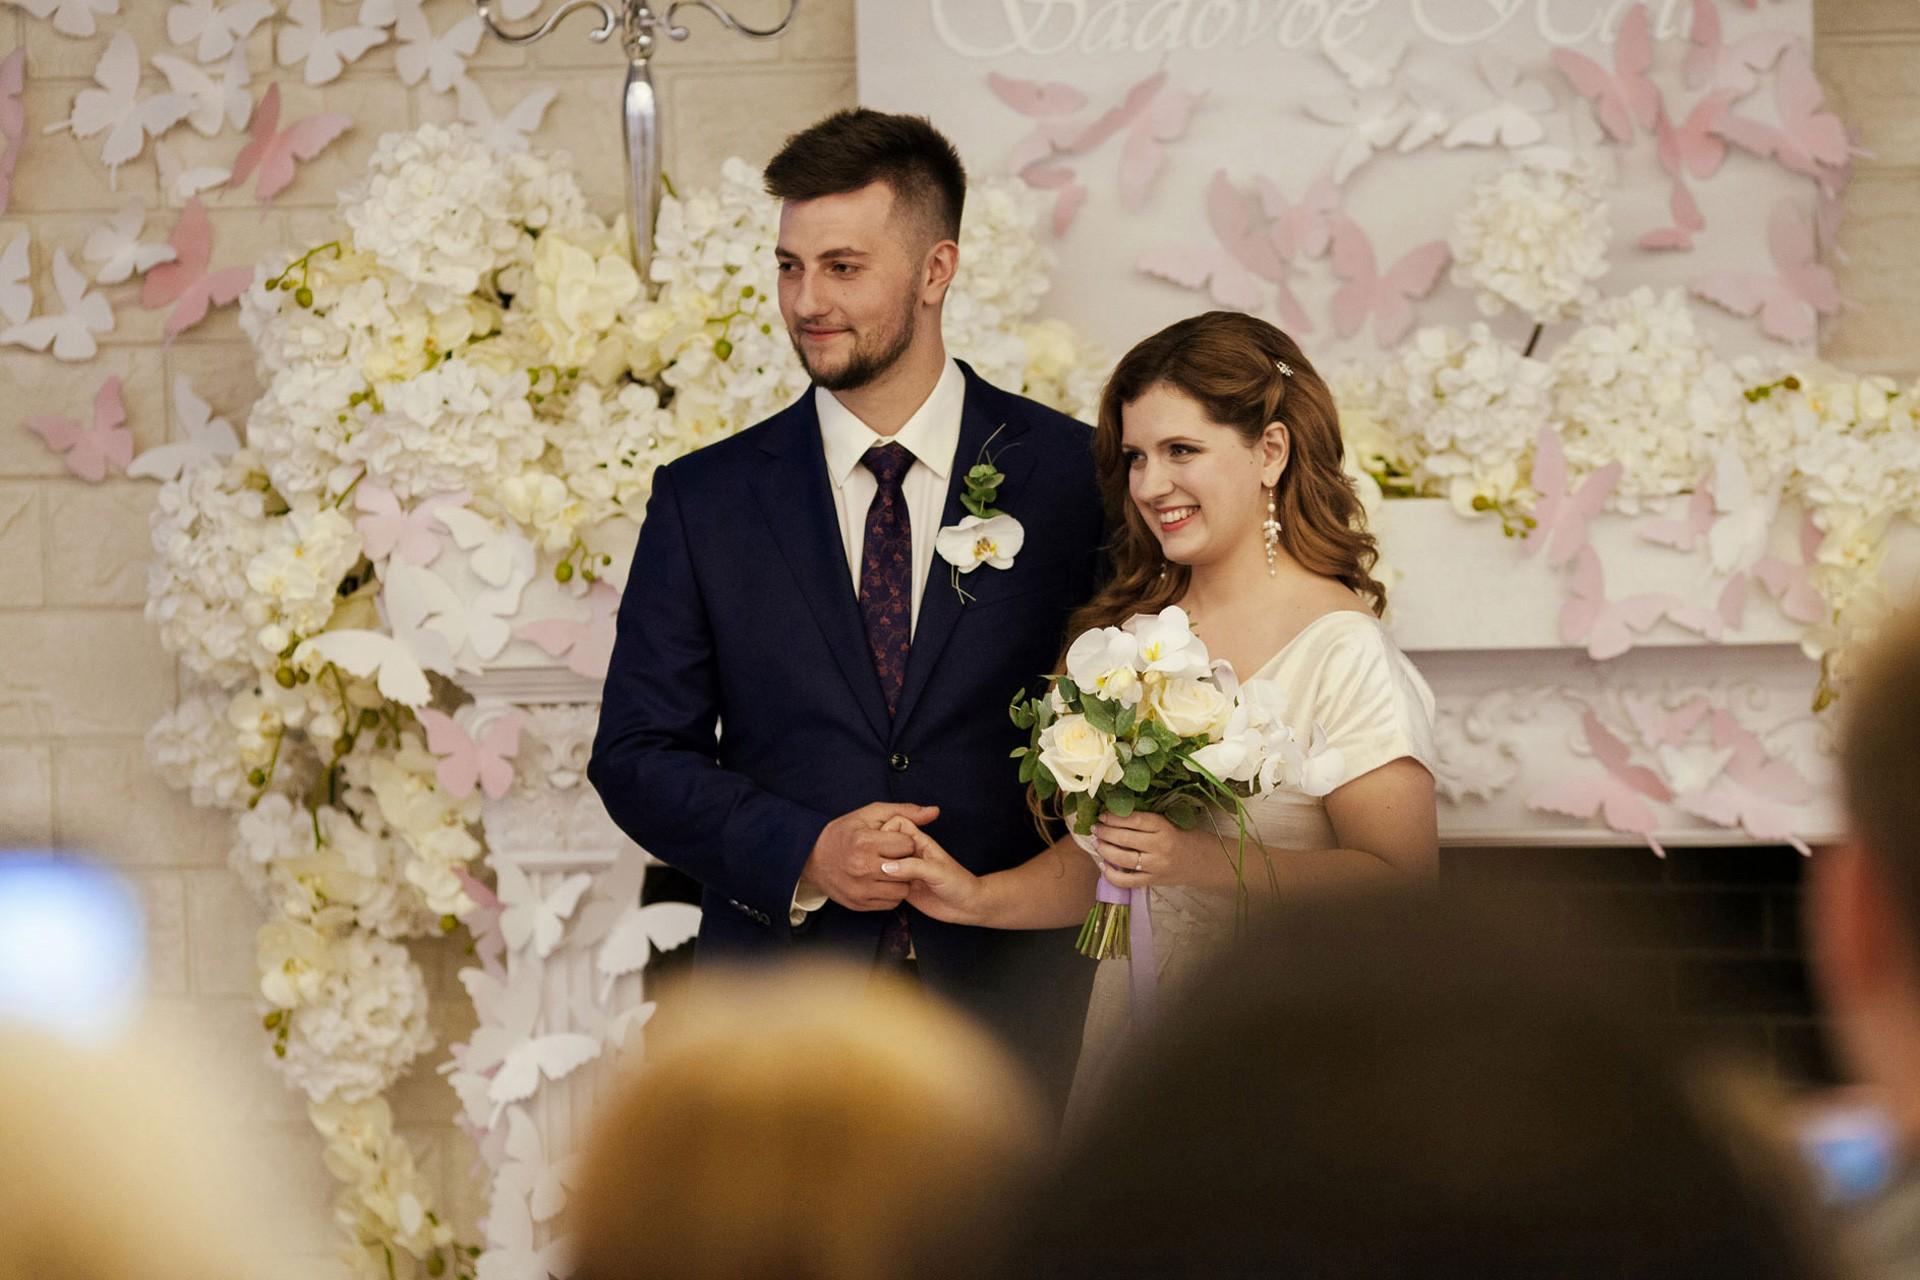 плодотворная, свадьба анастасии денисовой фото русские приколы